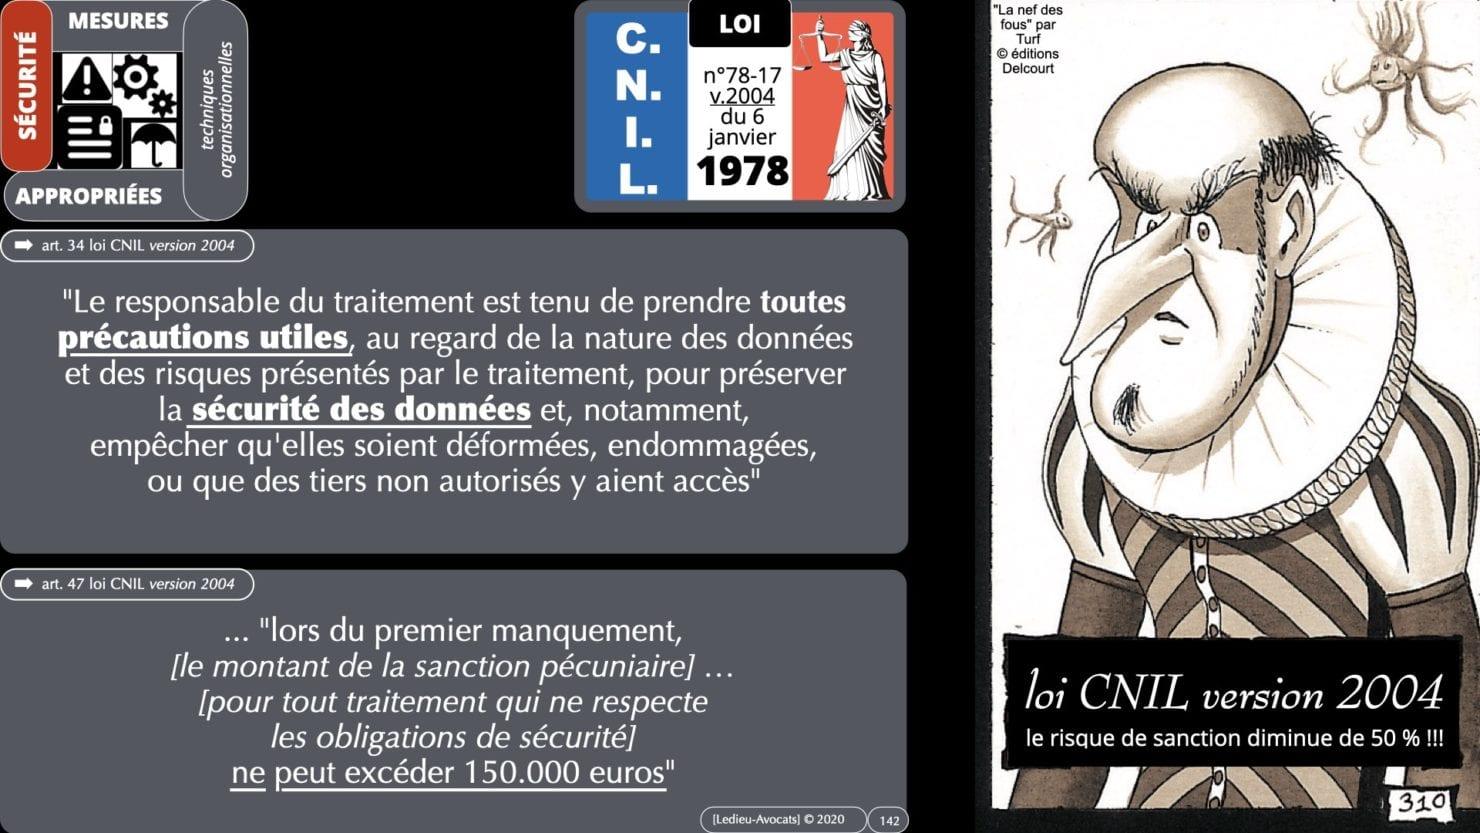 333 CYBER ATTAQUE responsabilité pénale civile contrat © Ledieu-Avocats 23-05-2021.142